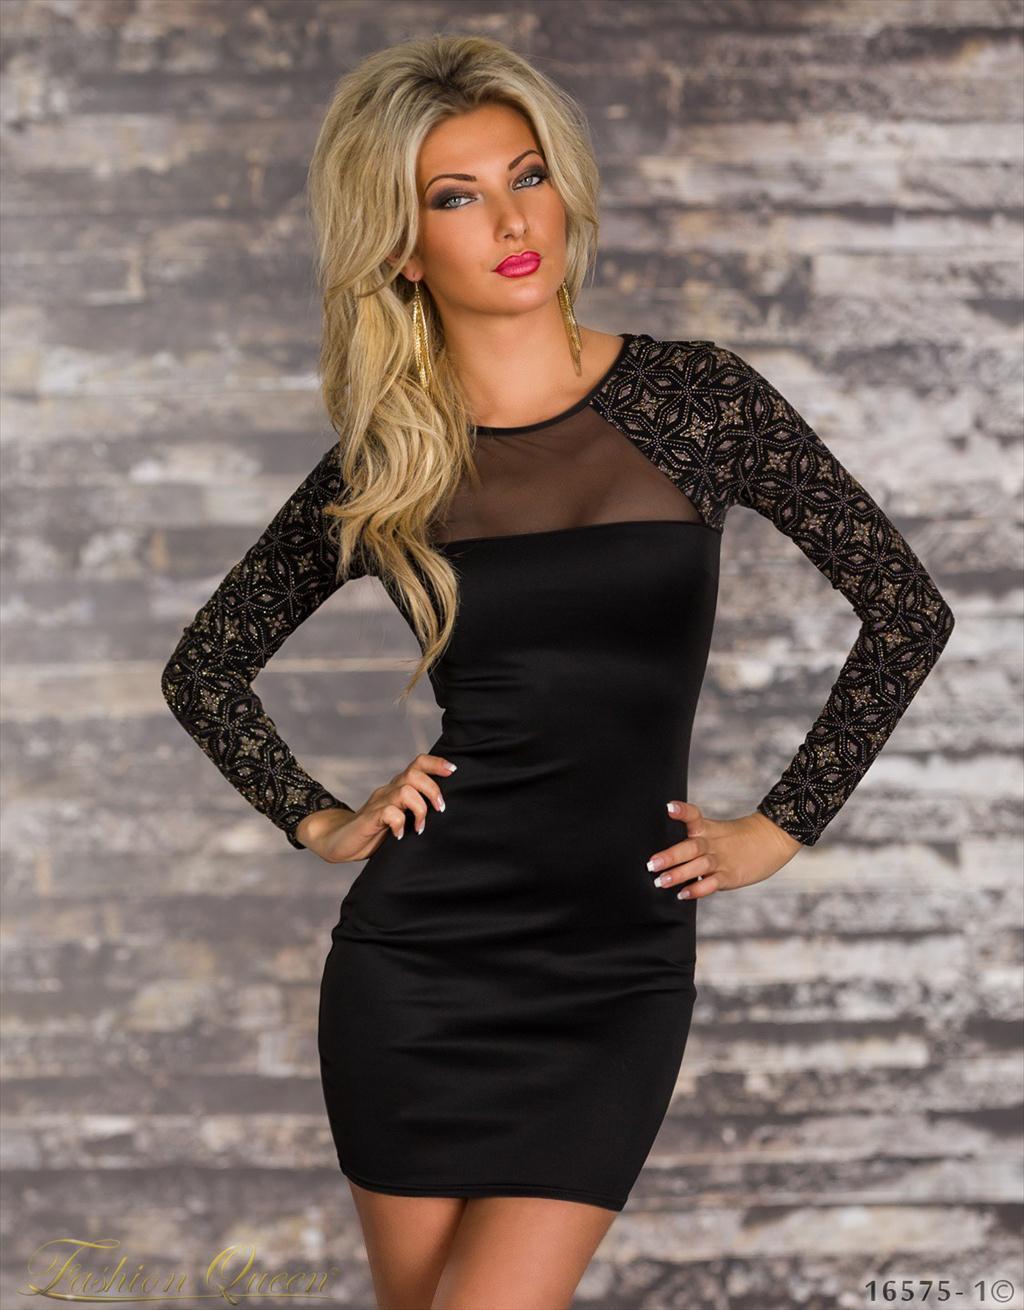 Fashion Queen - Dámske oblečenie a móda - Šaty s dlhým rukávom 3b9679b5f3e